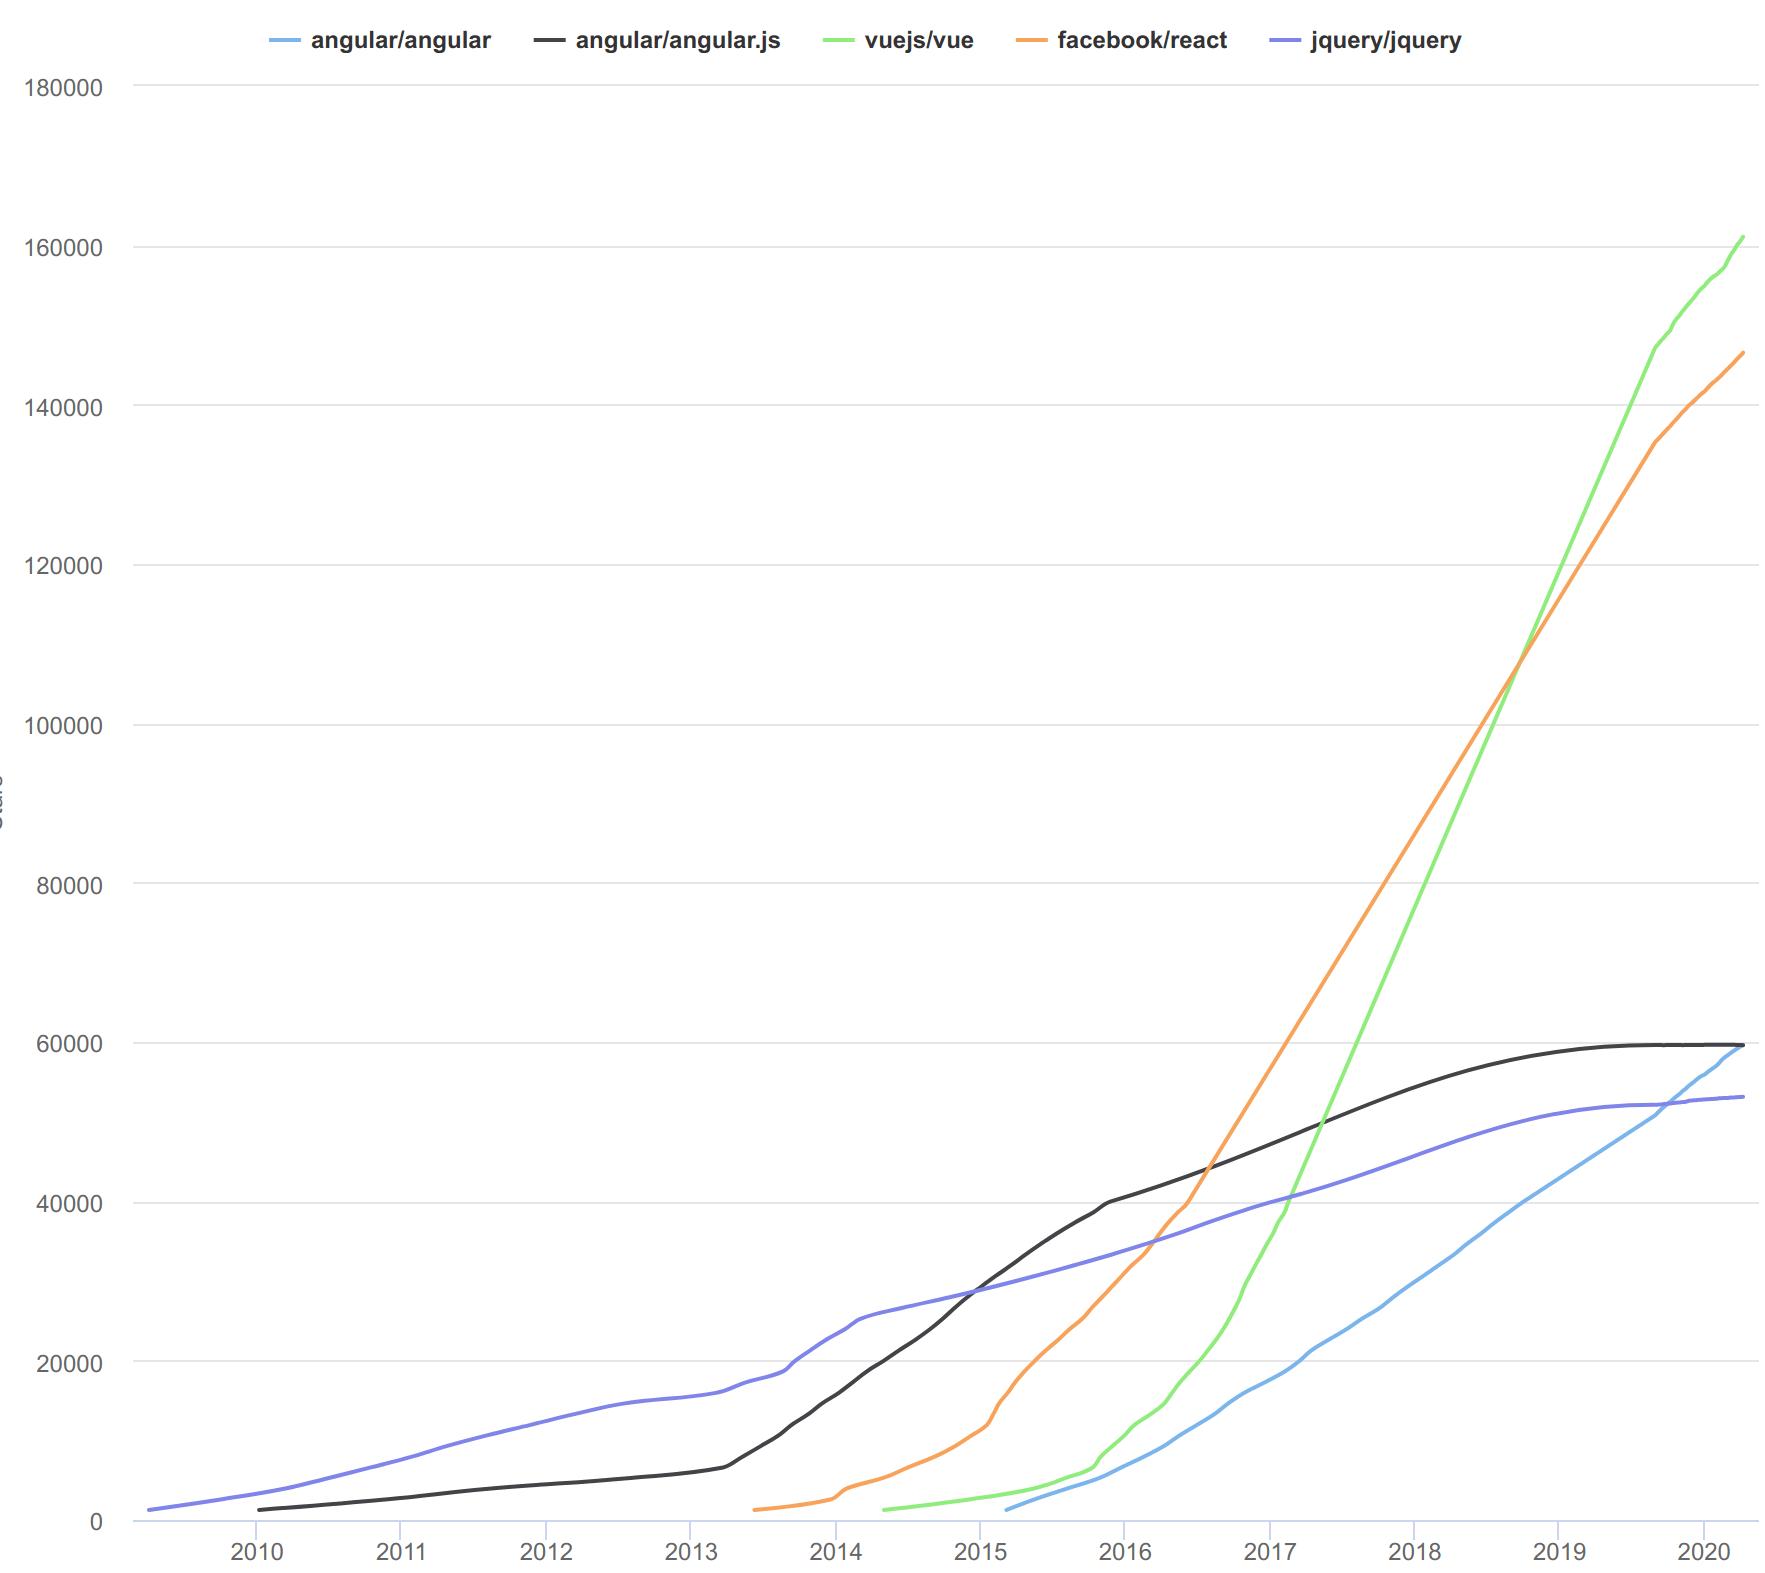 Vue vs React Stars on Github